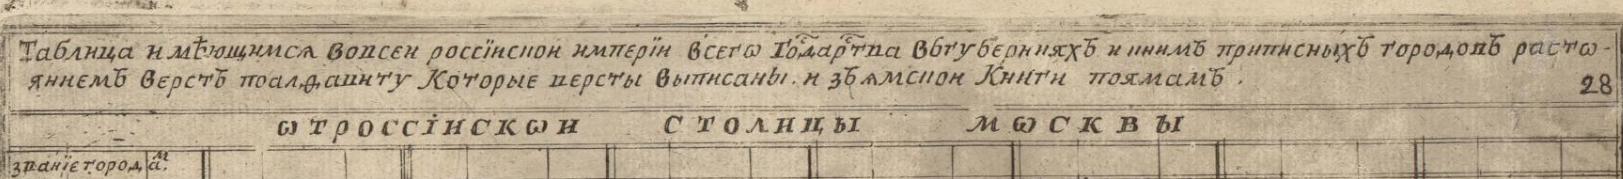 Пермь Вятка Резань 1 Книга именуемая Брюсовской календарь